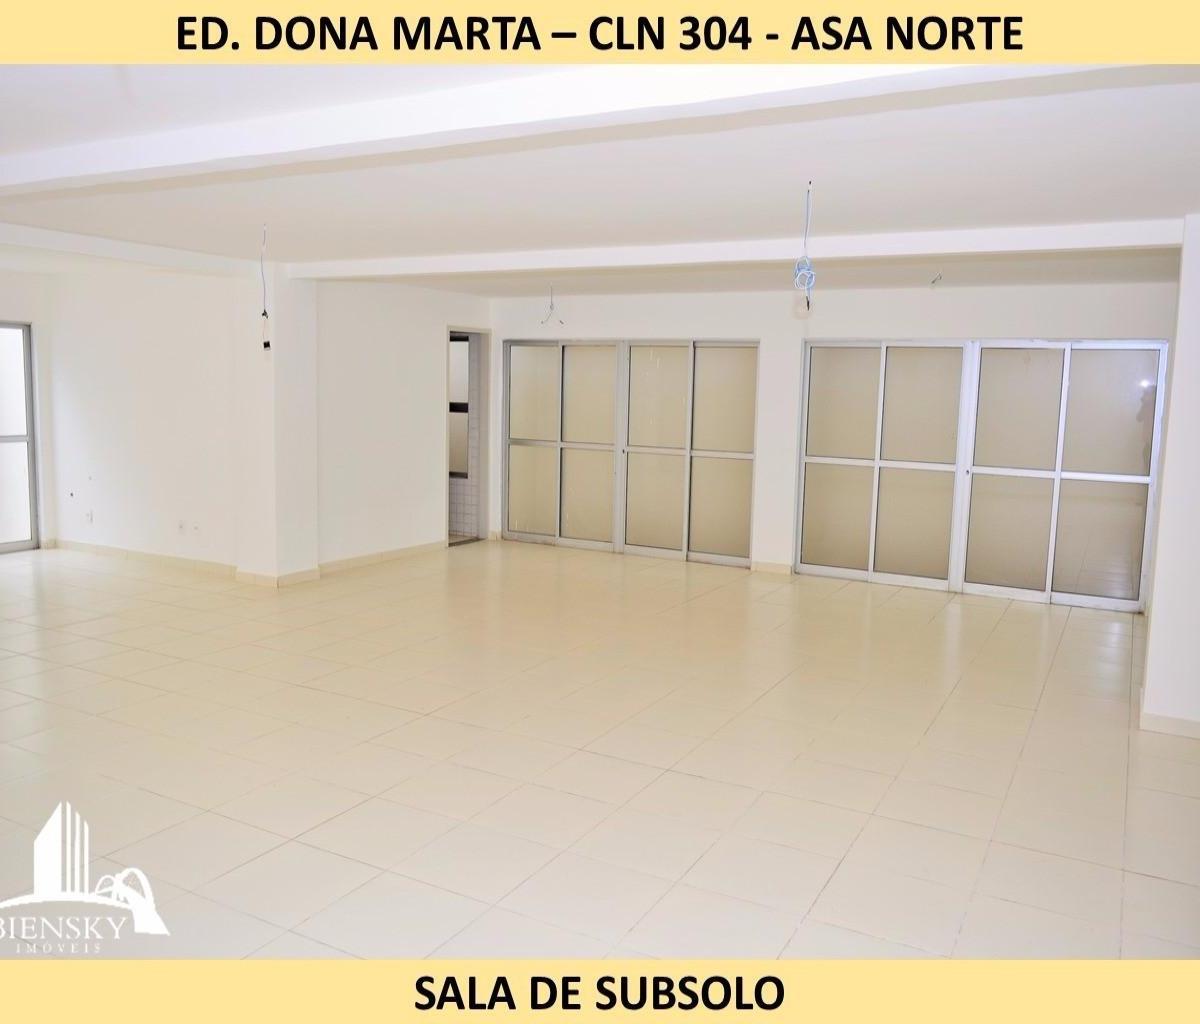 Imagens de #90773B Comercial para aluguel com 0 Asa Norte Brasília R$ 3.128 ID  1200x1024 px 3560 Blindex Banheiro Asa Norte